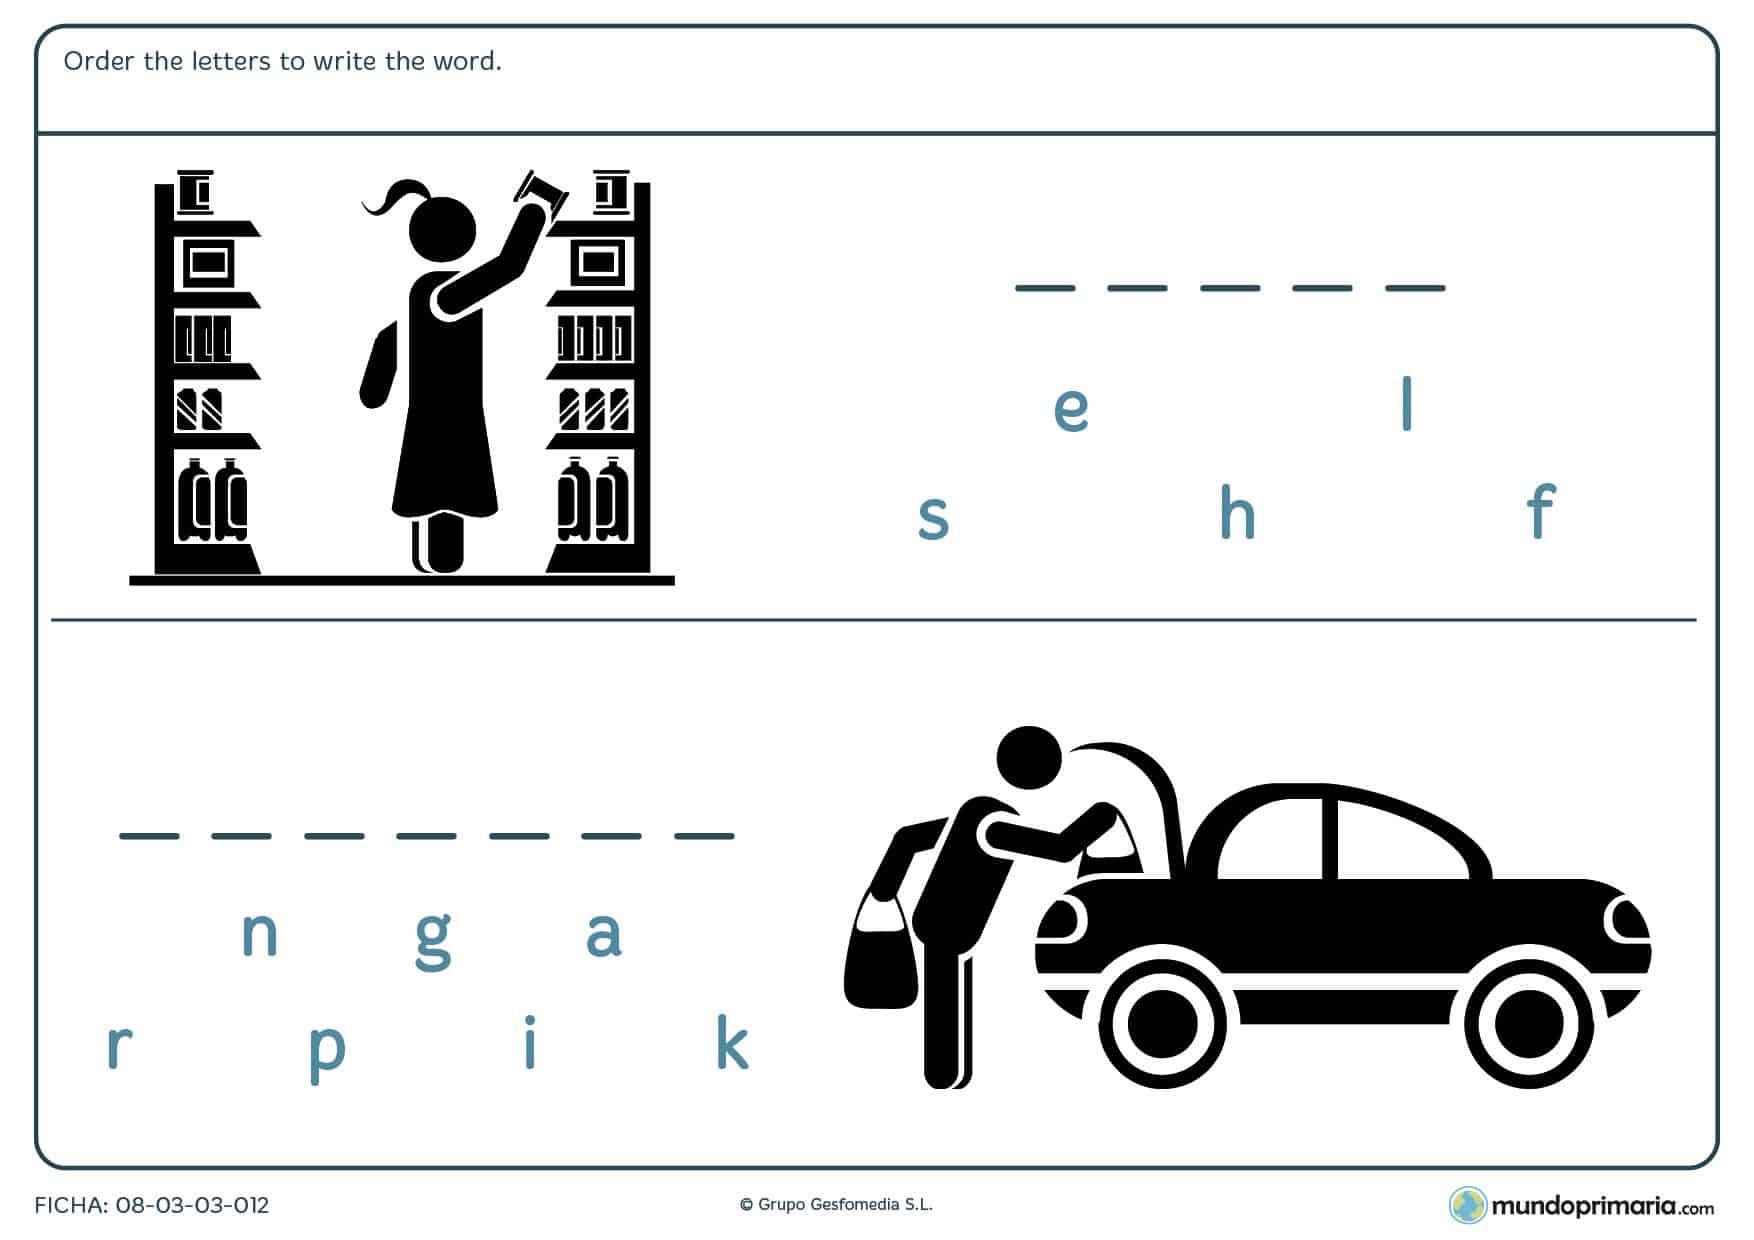 Ordena las letras en inglés y encuentra el significado de los dibujos